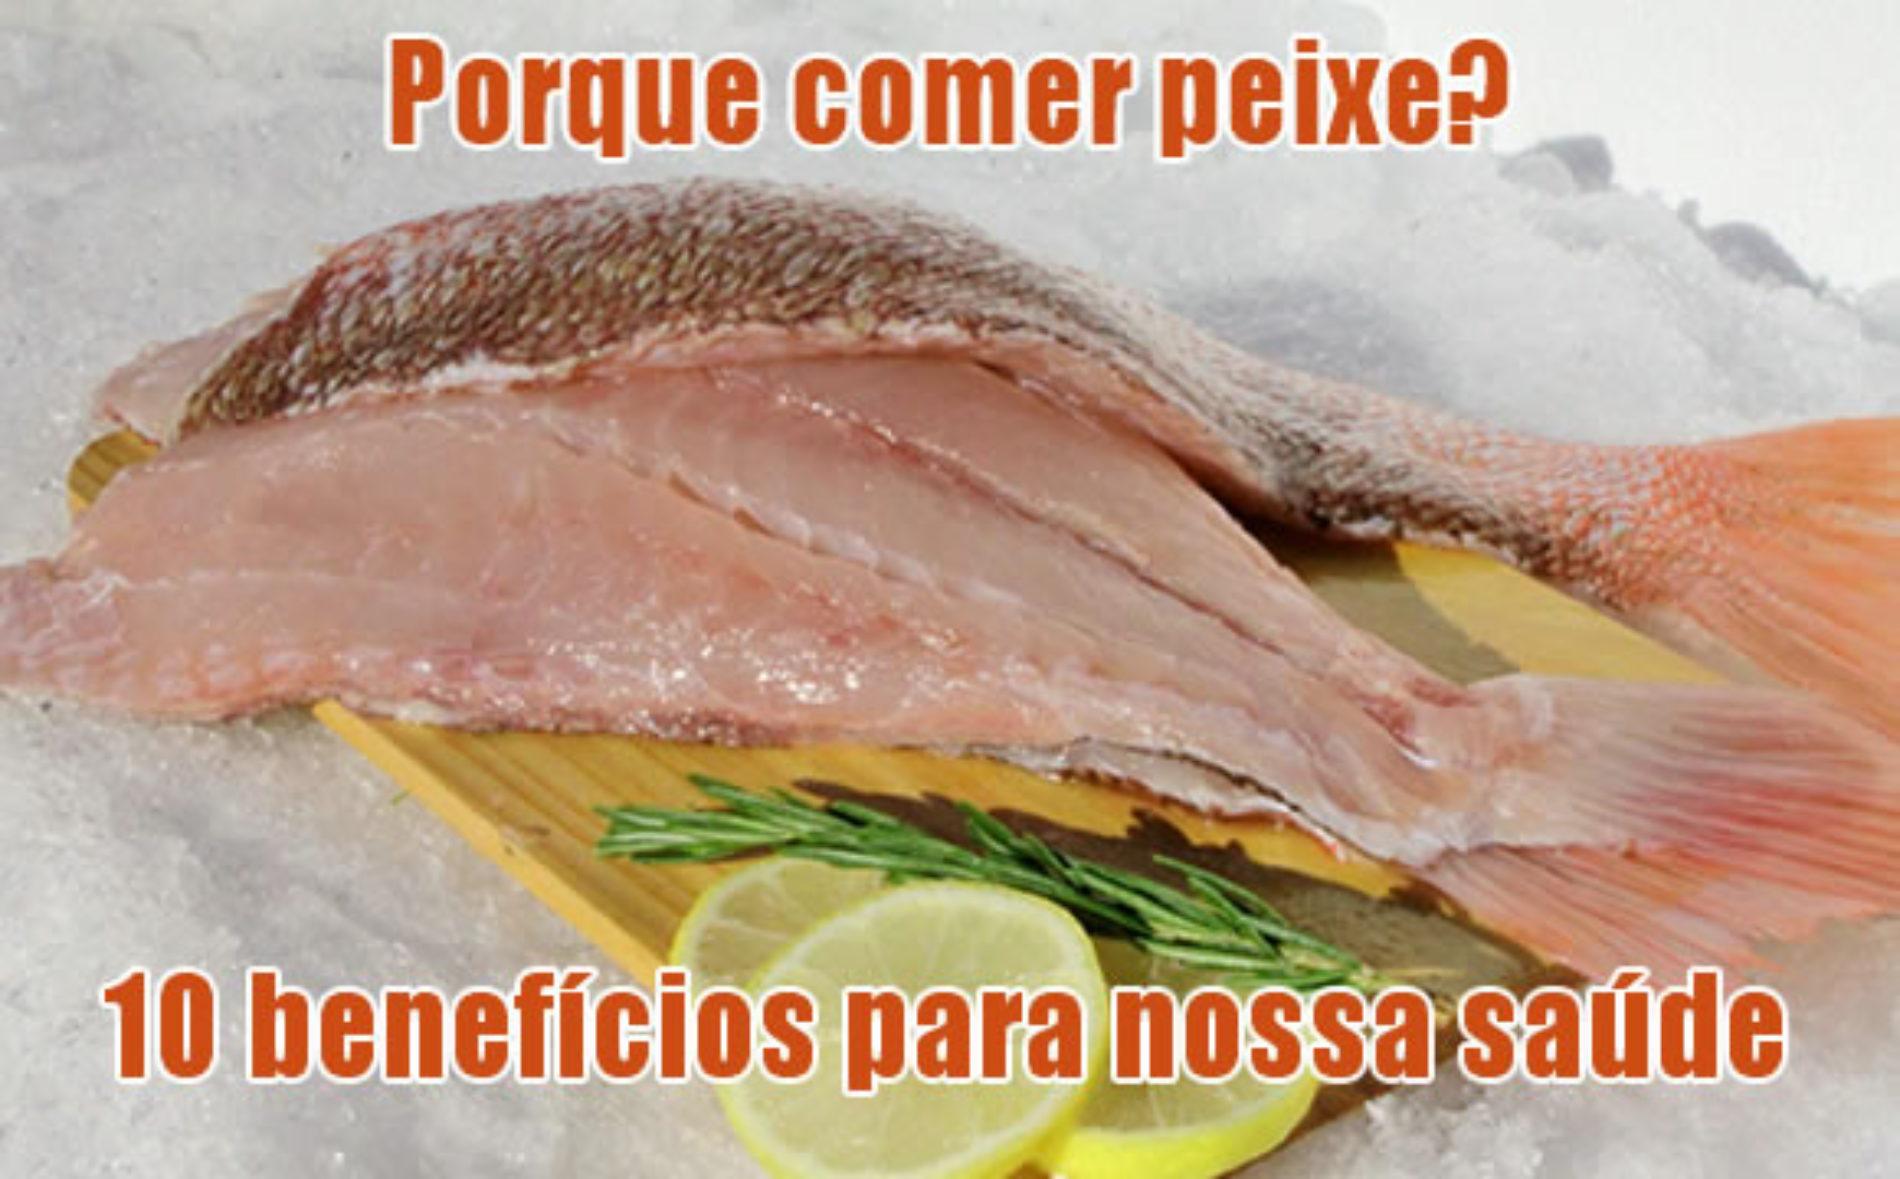 Comer PEIXE – 10 benefícios do peixe em nossa alimentação